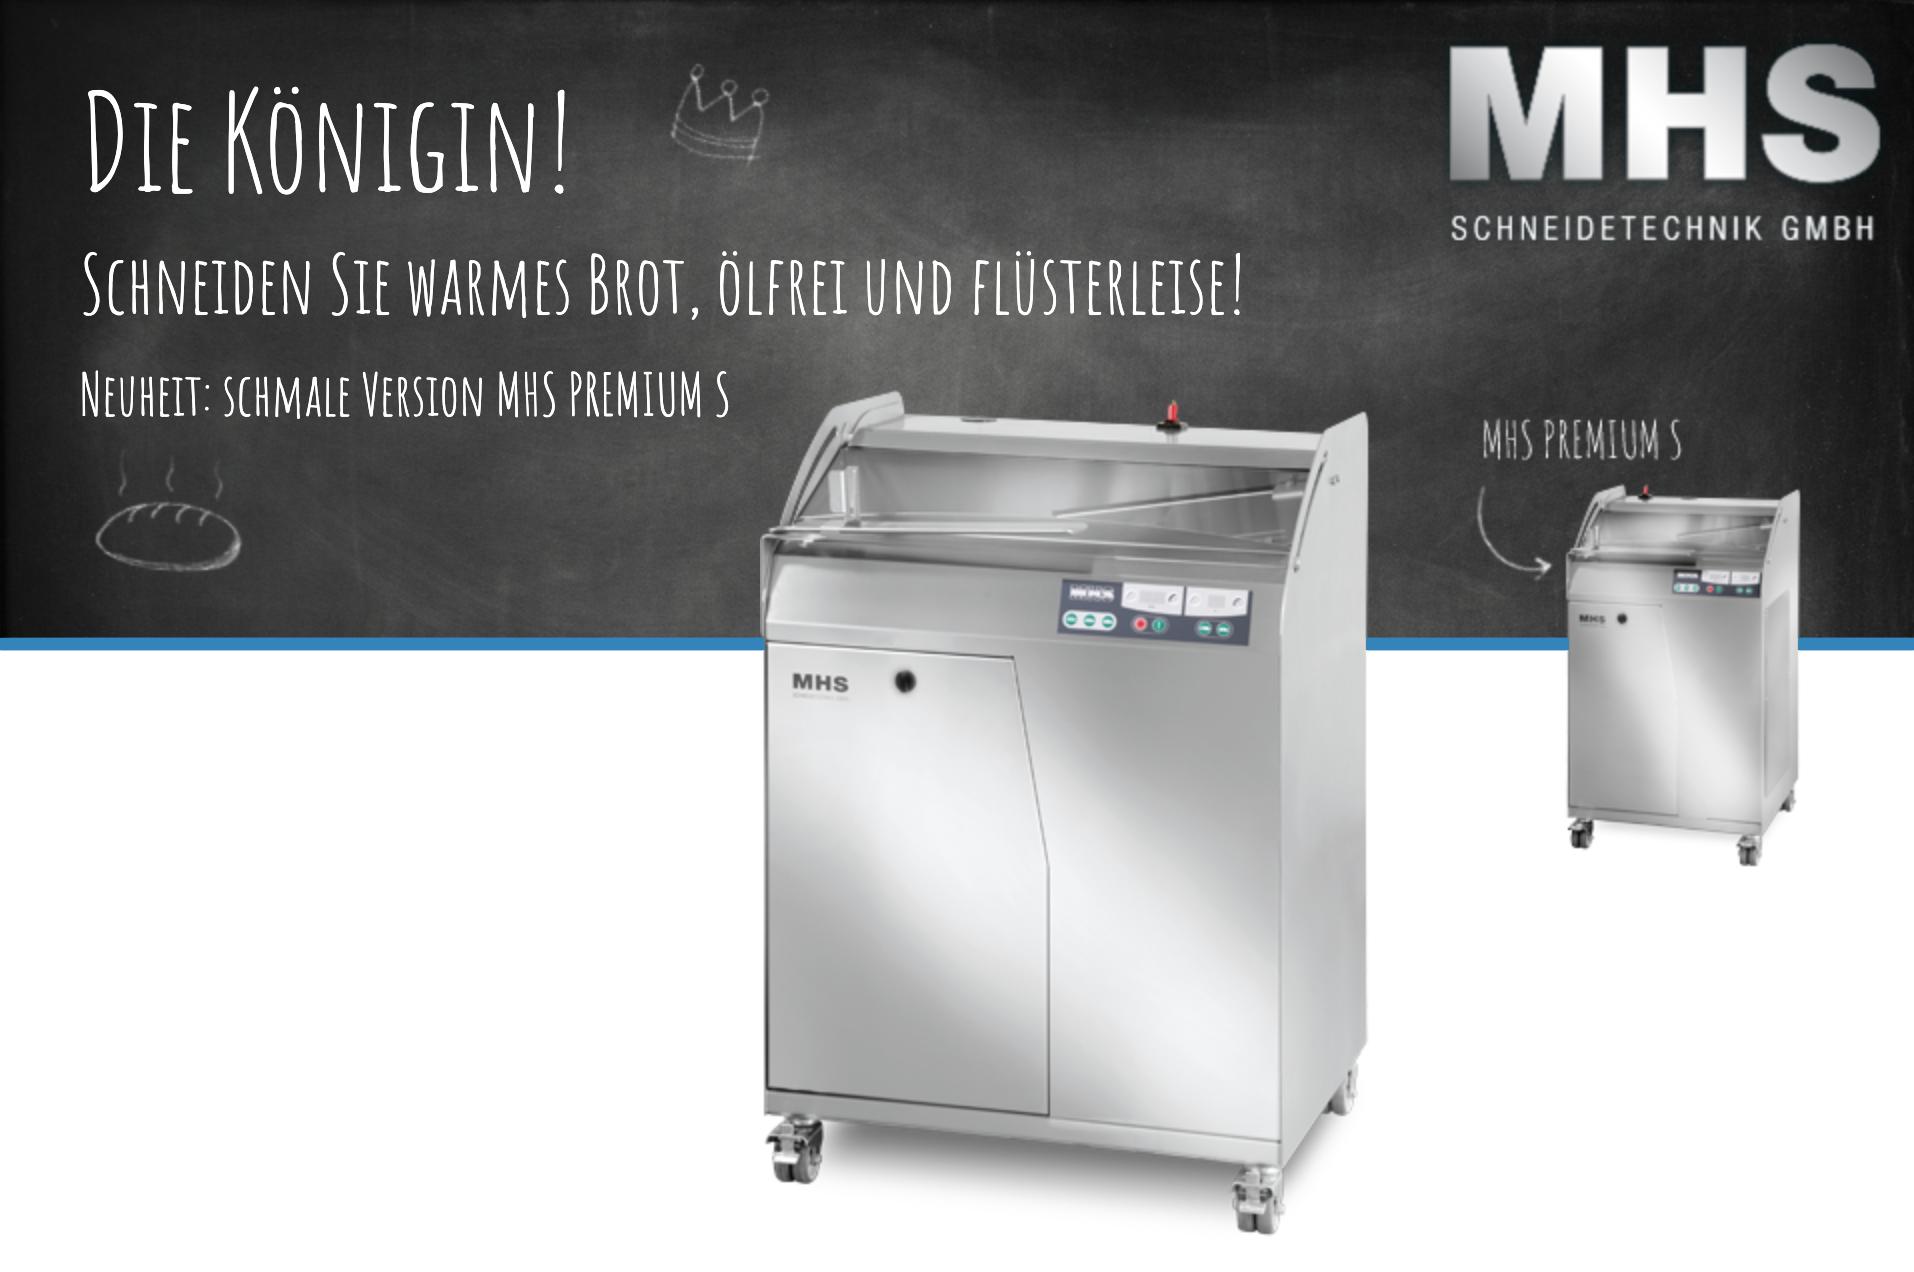 Die Brotschneidemaschine MHS Premium bei Delta-Back